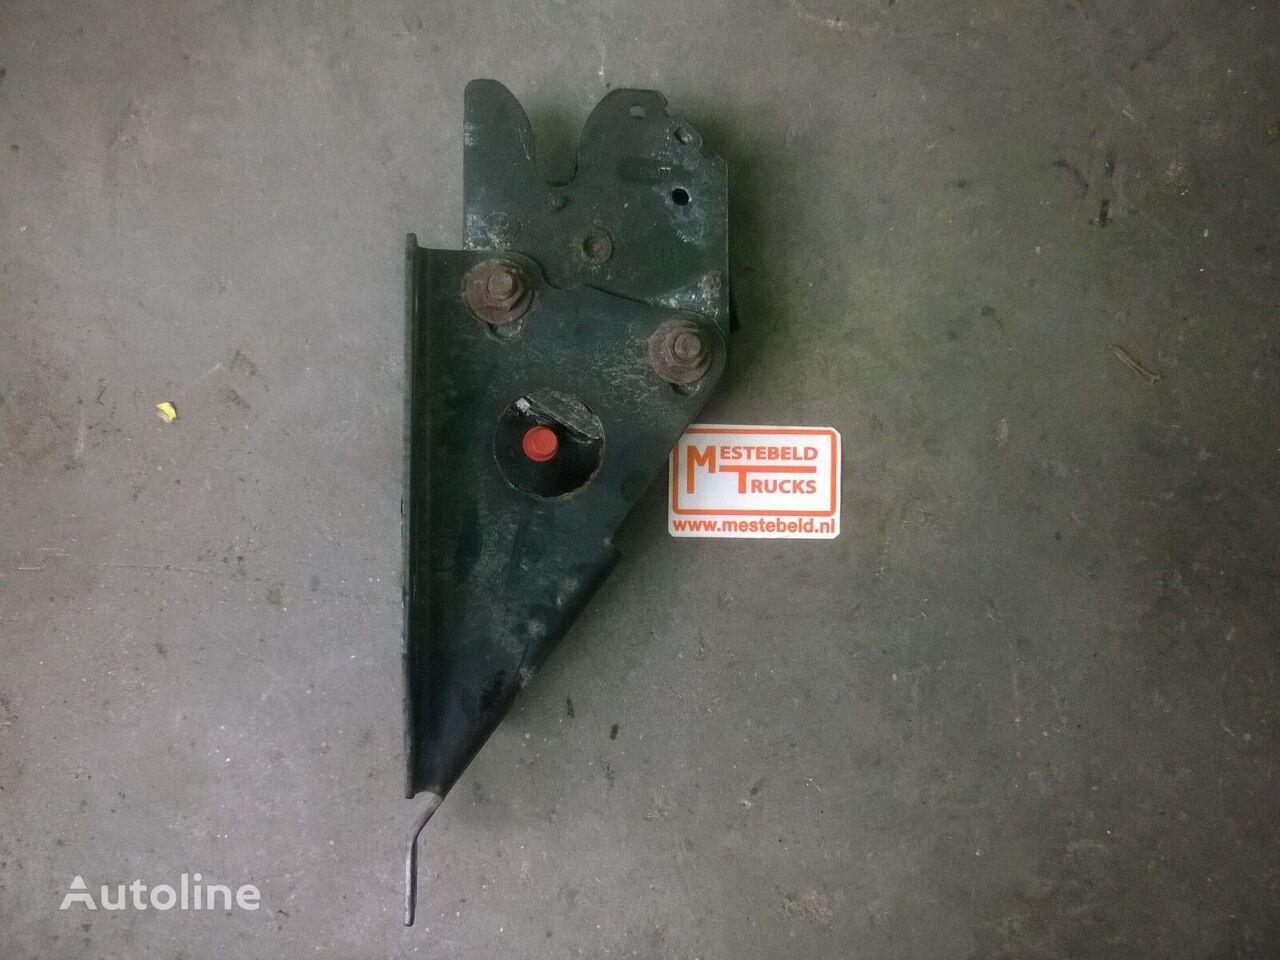 Cabineslot Ersatzteile für RENAULT Cabineslot L/R LKW